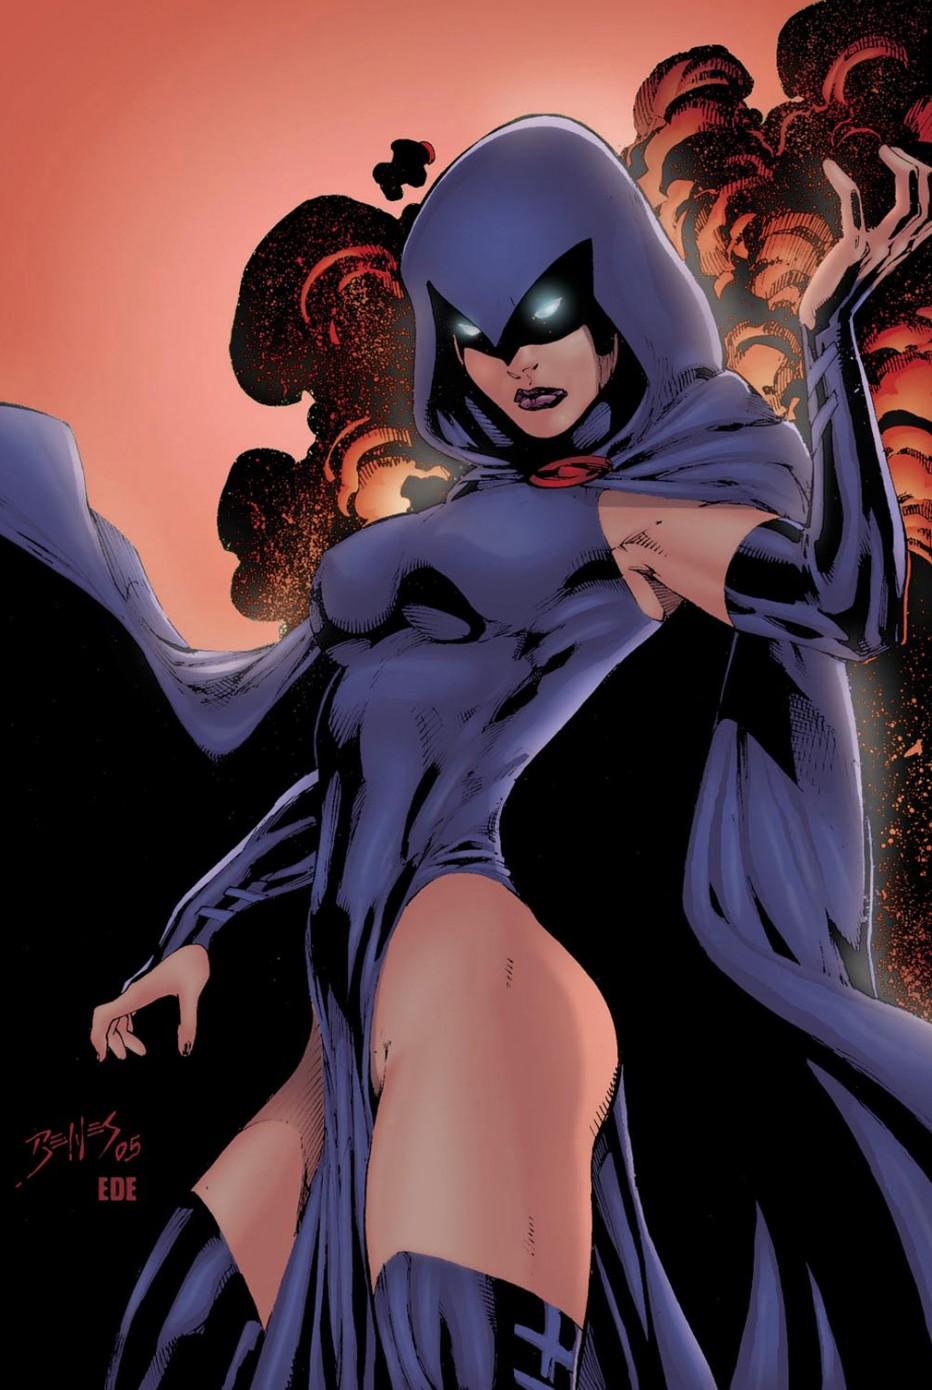 Injustice: les Dieux sont parmi nous présente Raven